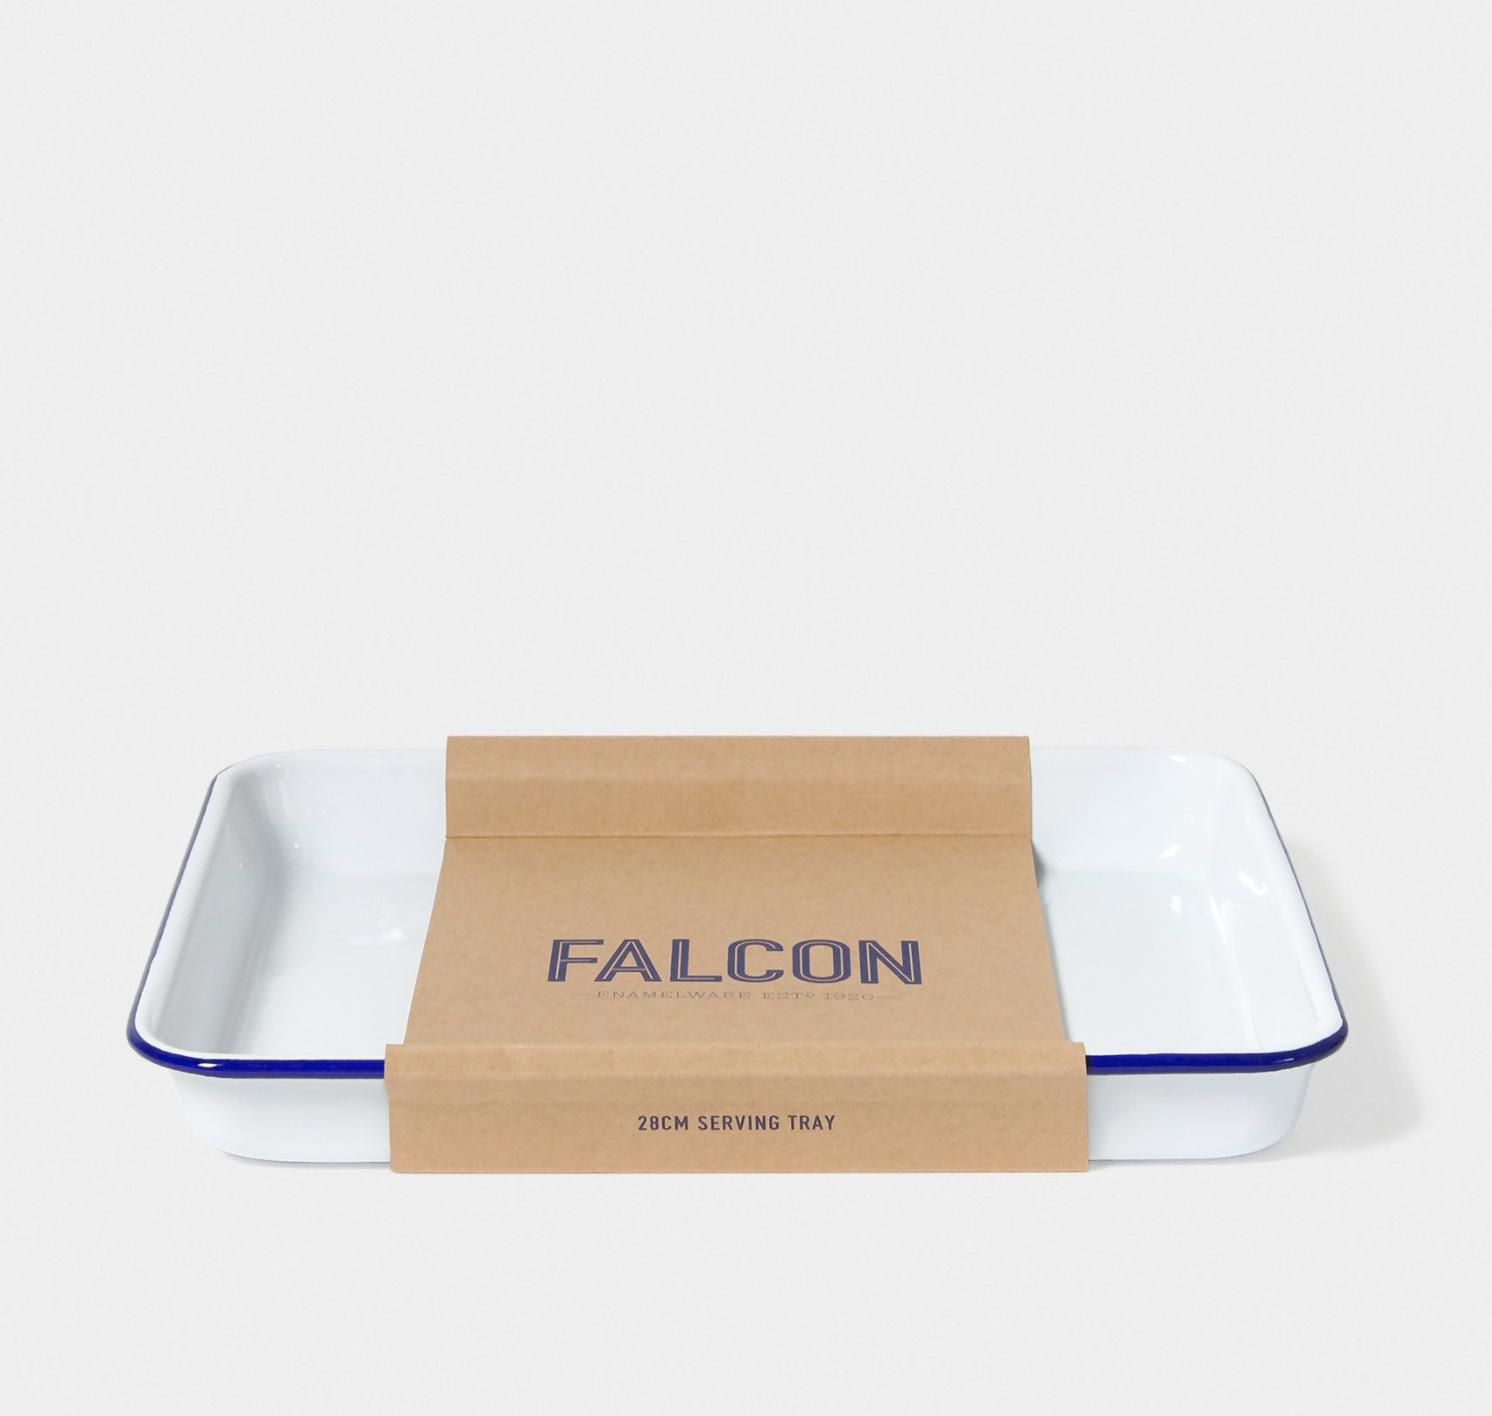 Falcon Enamel Baking Dish